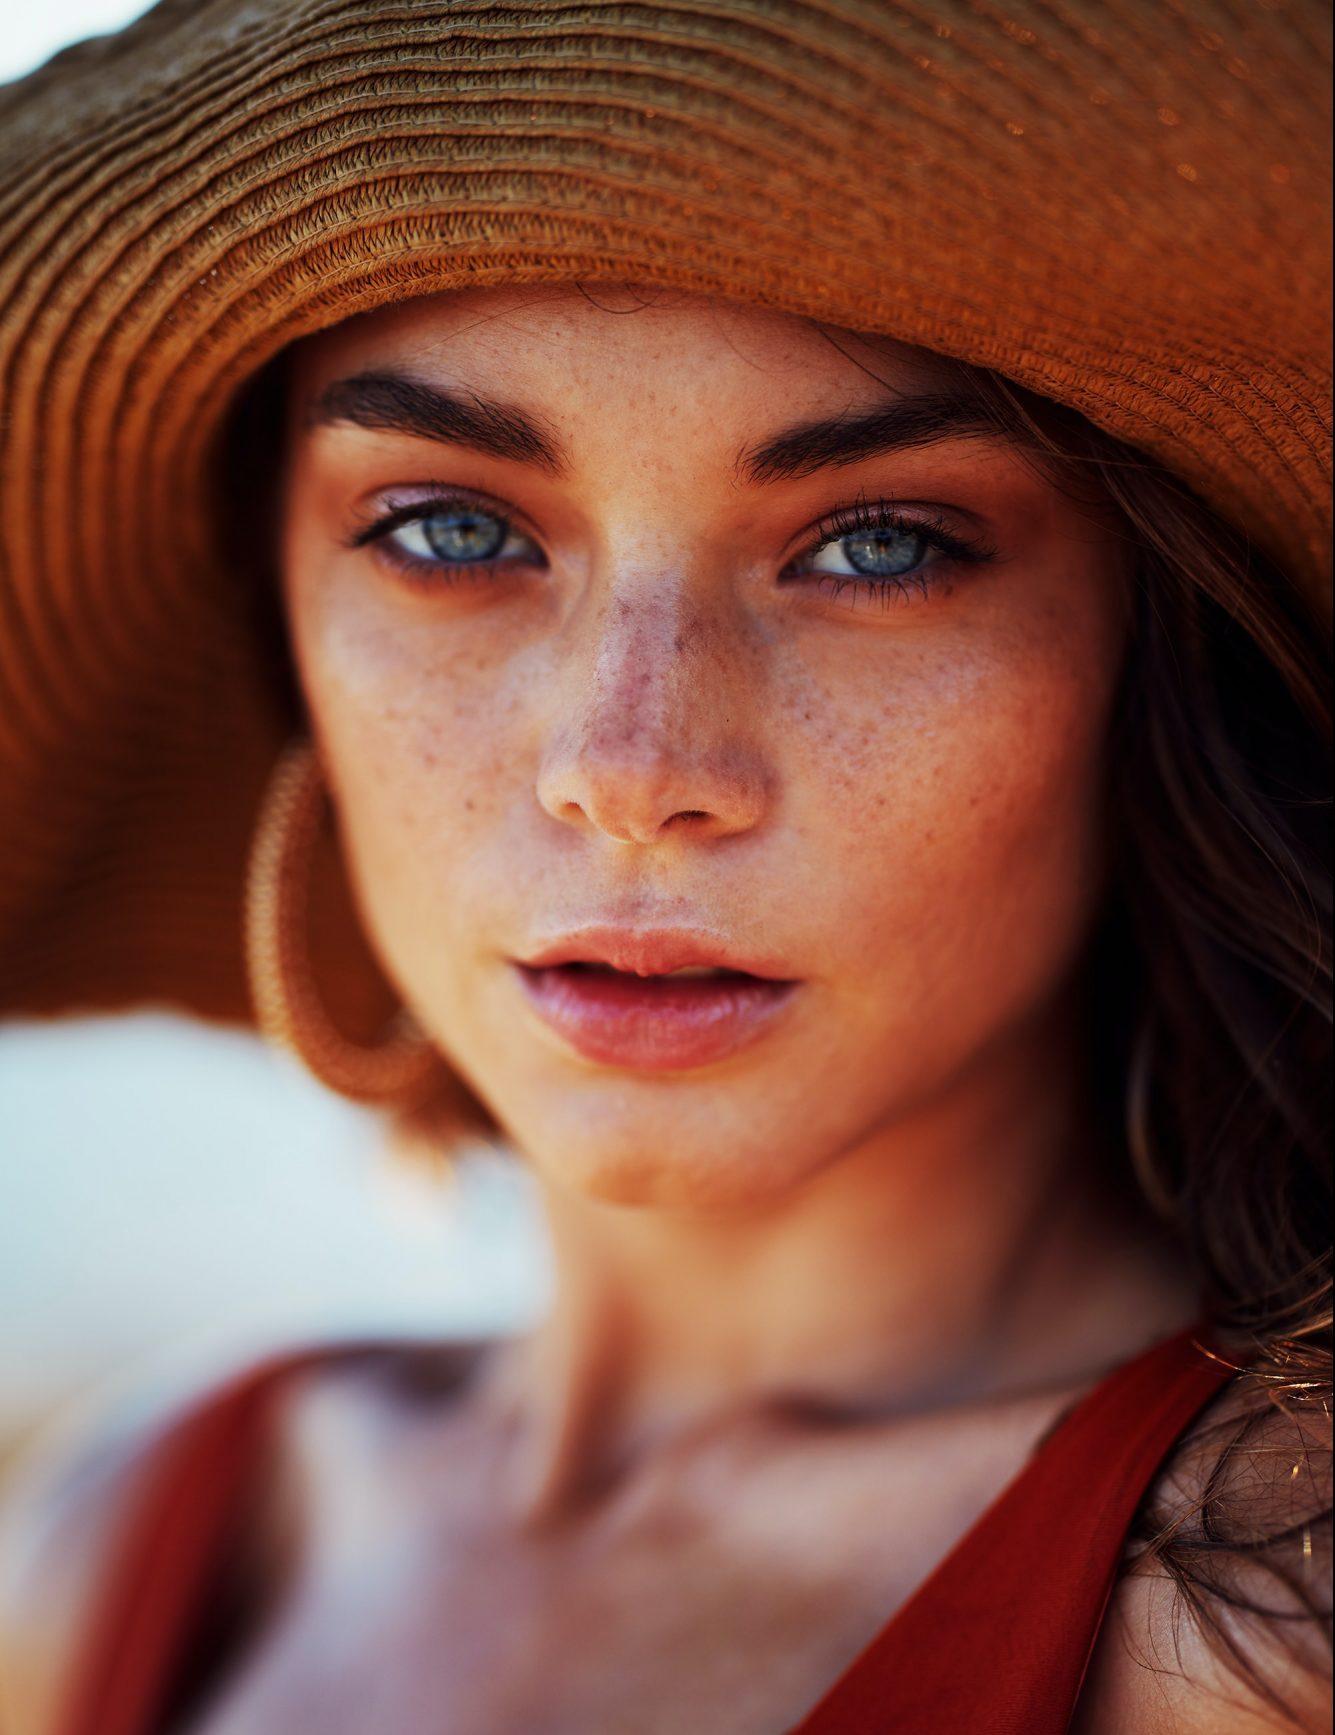 5+1 προϊόντα μακιγιάζ που θα βρεις σίγουρα στο νεσεσέρ κάθε ELLE girl H Radiant Professional Make Up τιμά την άνοιξη με ολόφρεσκες τάσεις, αποτελεσματικά προϊόντα, έντονα χρώματα, εντυπωσιακά beauty looks που στόχο έχουν να ανεβάσουν την διάθεση αλλά και την αυτοπεποίθησή μας στα ύψη και να «σπείρουν» μέσα όλα τα υπέροχα στοιχεία της πιο λουλουδένιας εποχής του χρόνου.